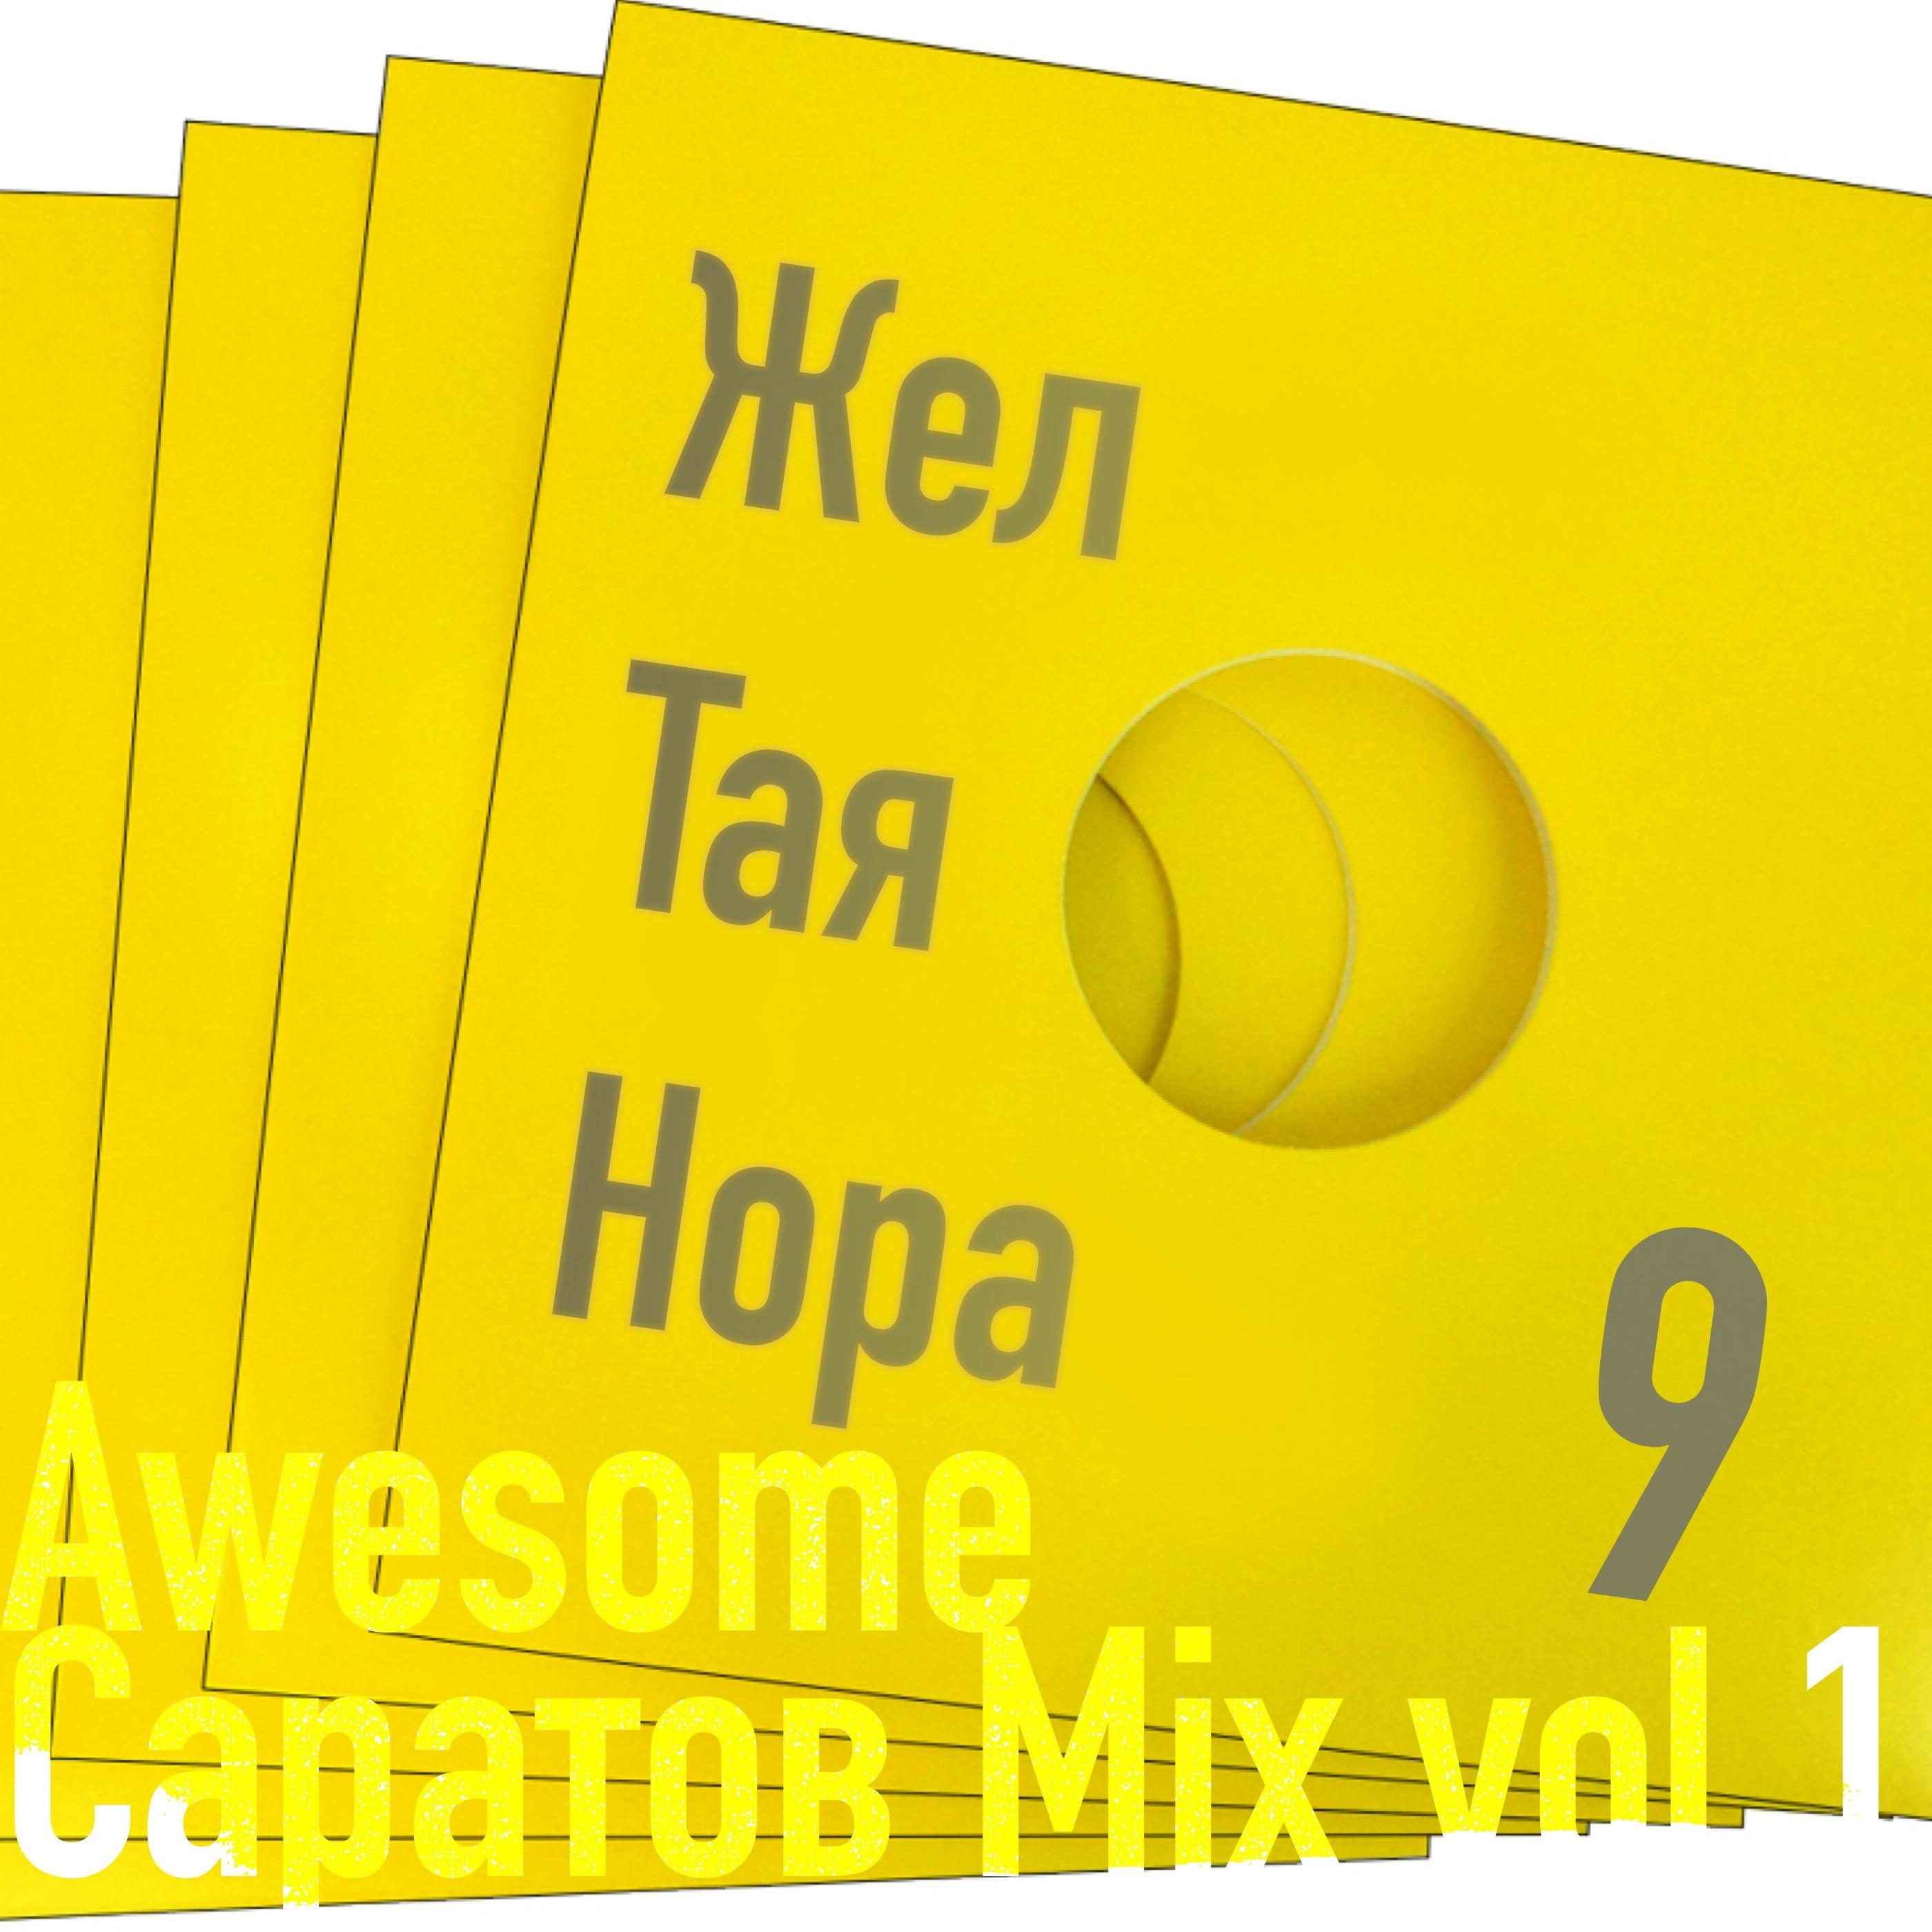 s1e9 - Awesome Саратов Mix vol.1